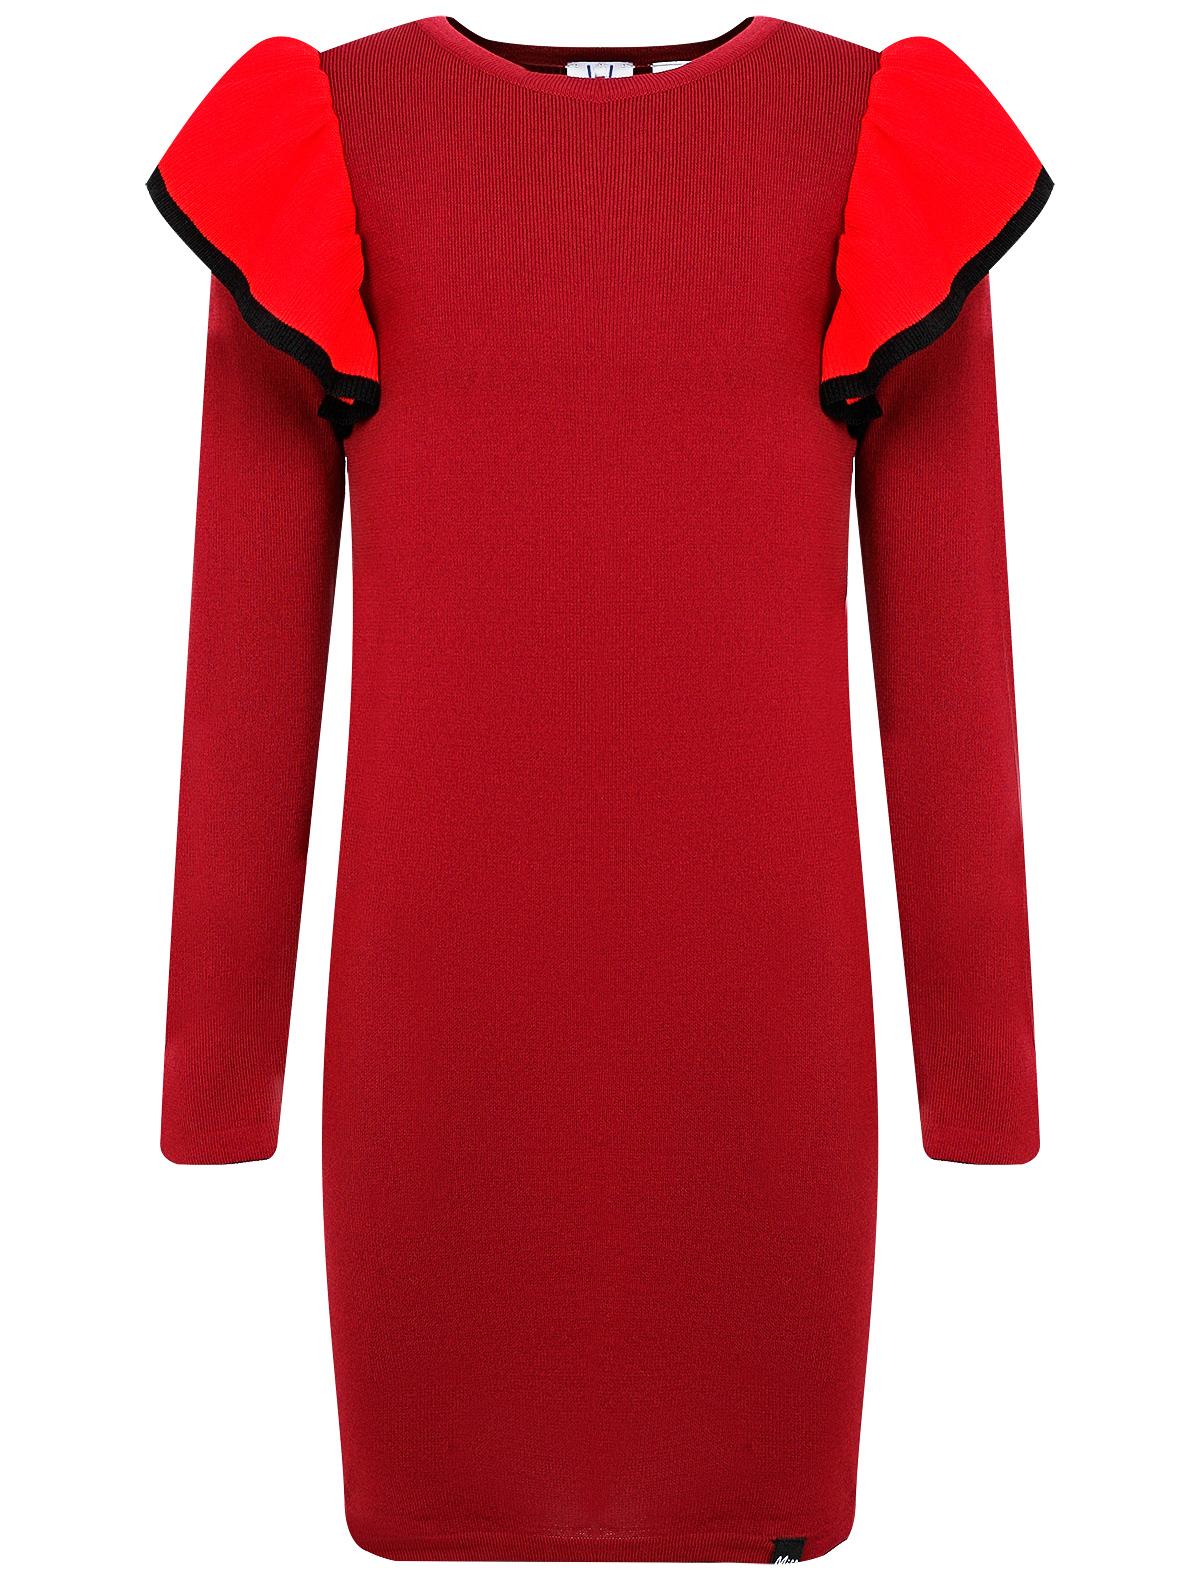 Купить 2123557, Платье NIK & NIK, разноцветный, Женский, 1050909980124